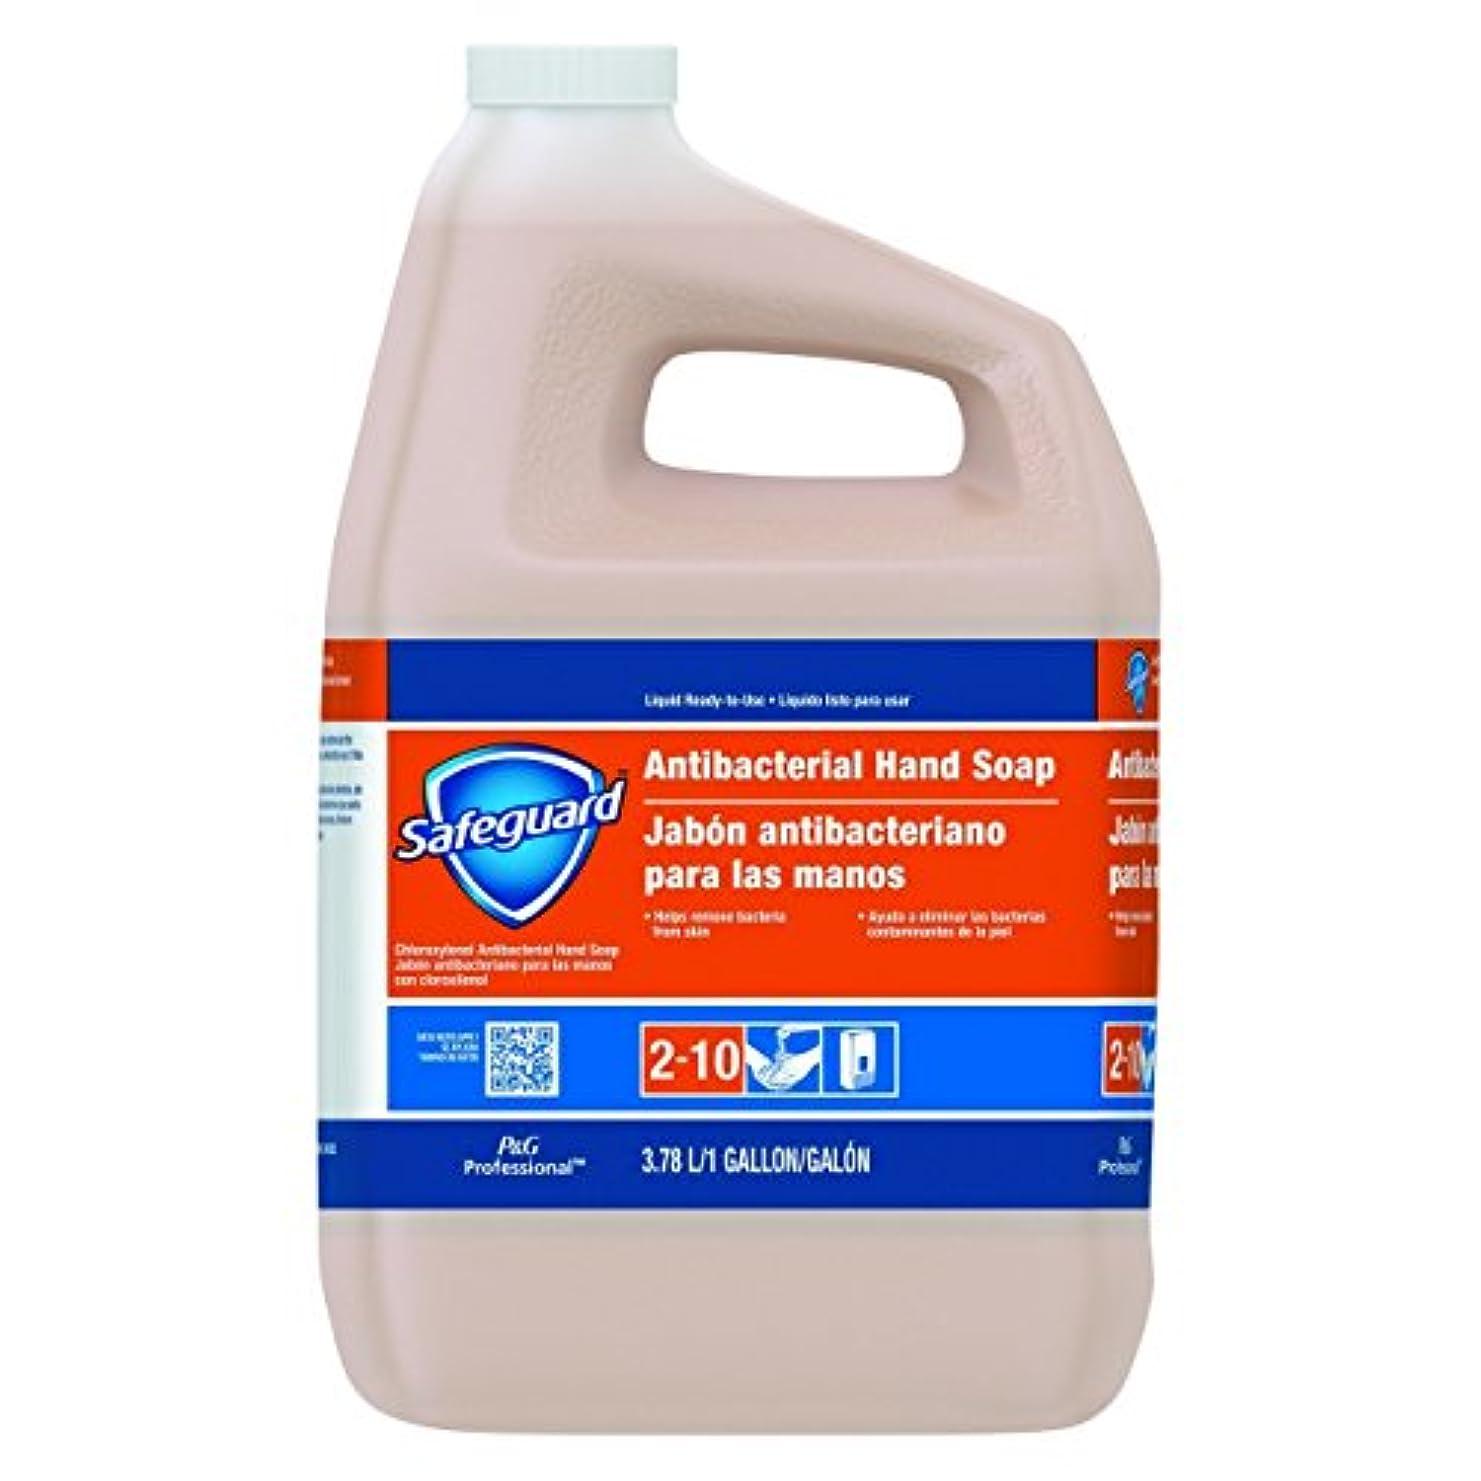 収穫インシュレータタップSafeguard抗菌Liquid Hand Soap , 1 galボトル、2 /カートン